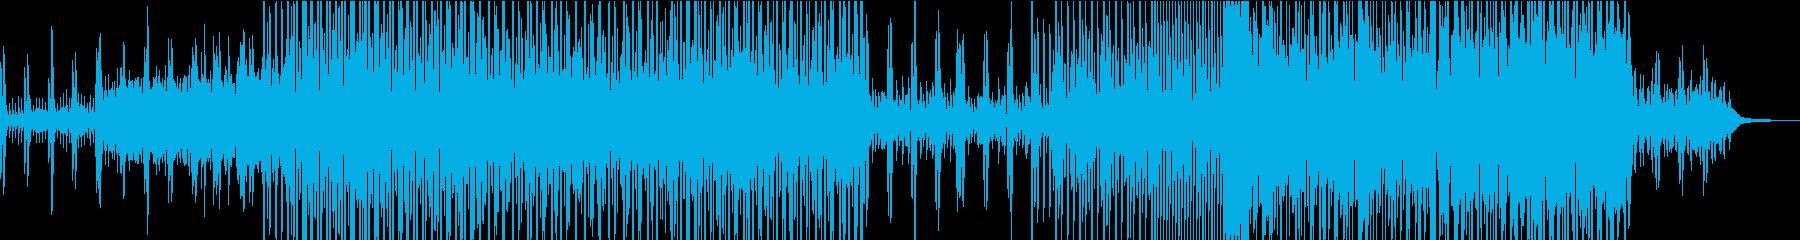 ヴァイオリンのためのhio hopの再生済みの波形